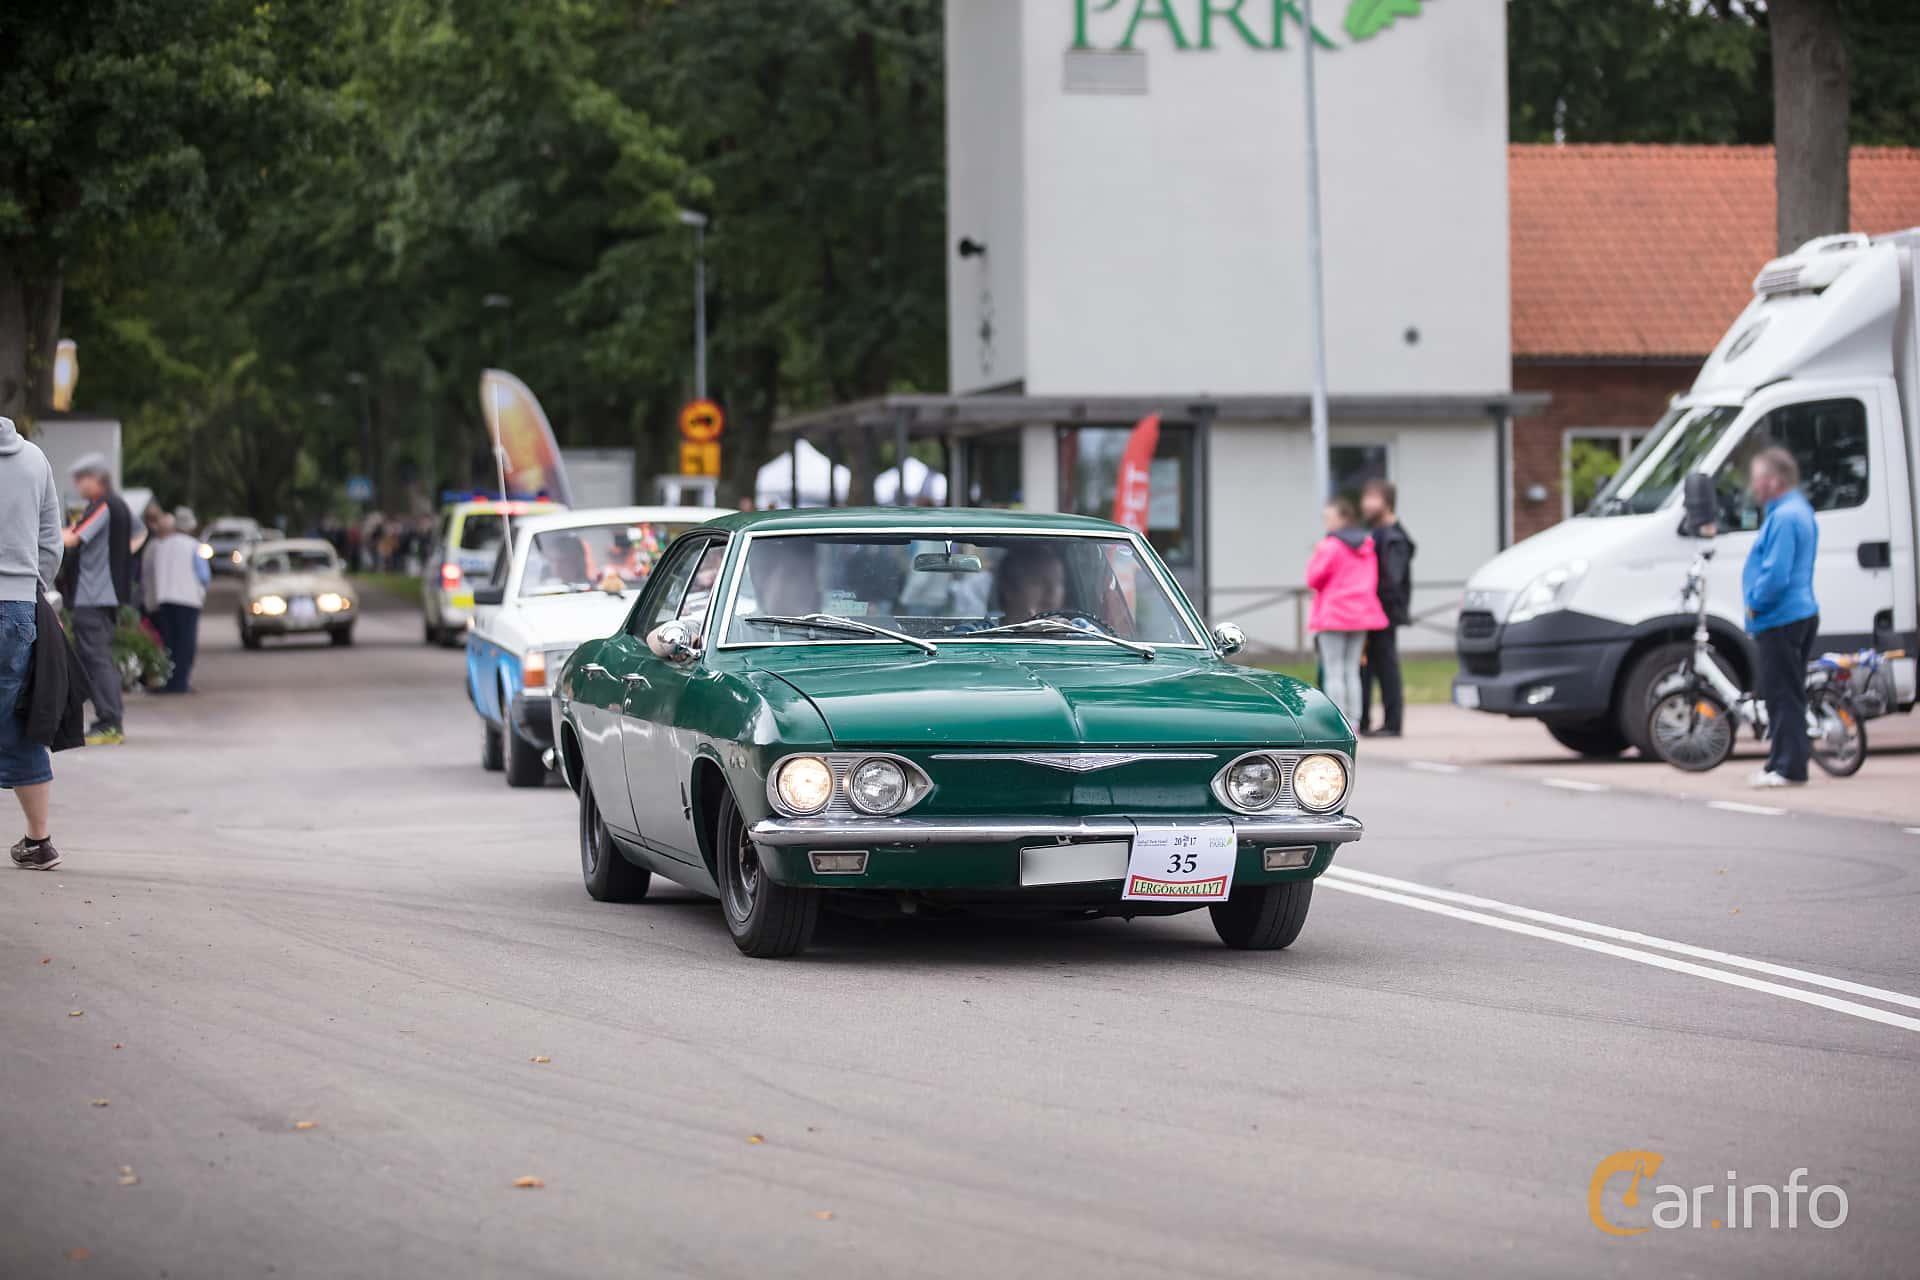 Chevrolet Corvair Sedan 2.7 Manual, 111hp, 1965 at Lergökarallyt 2017